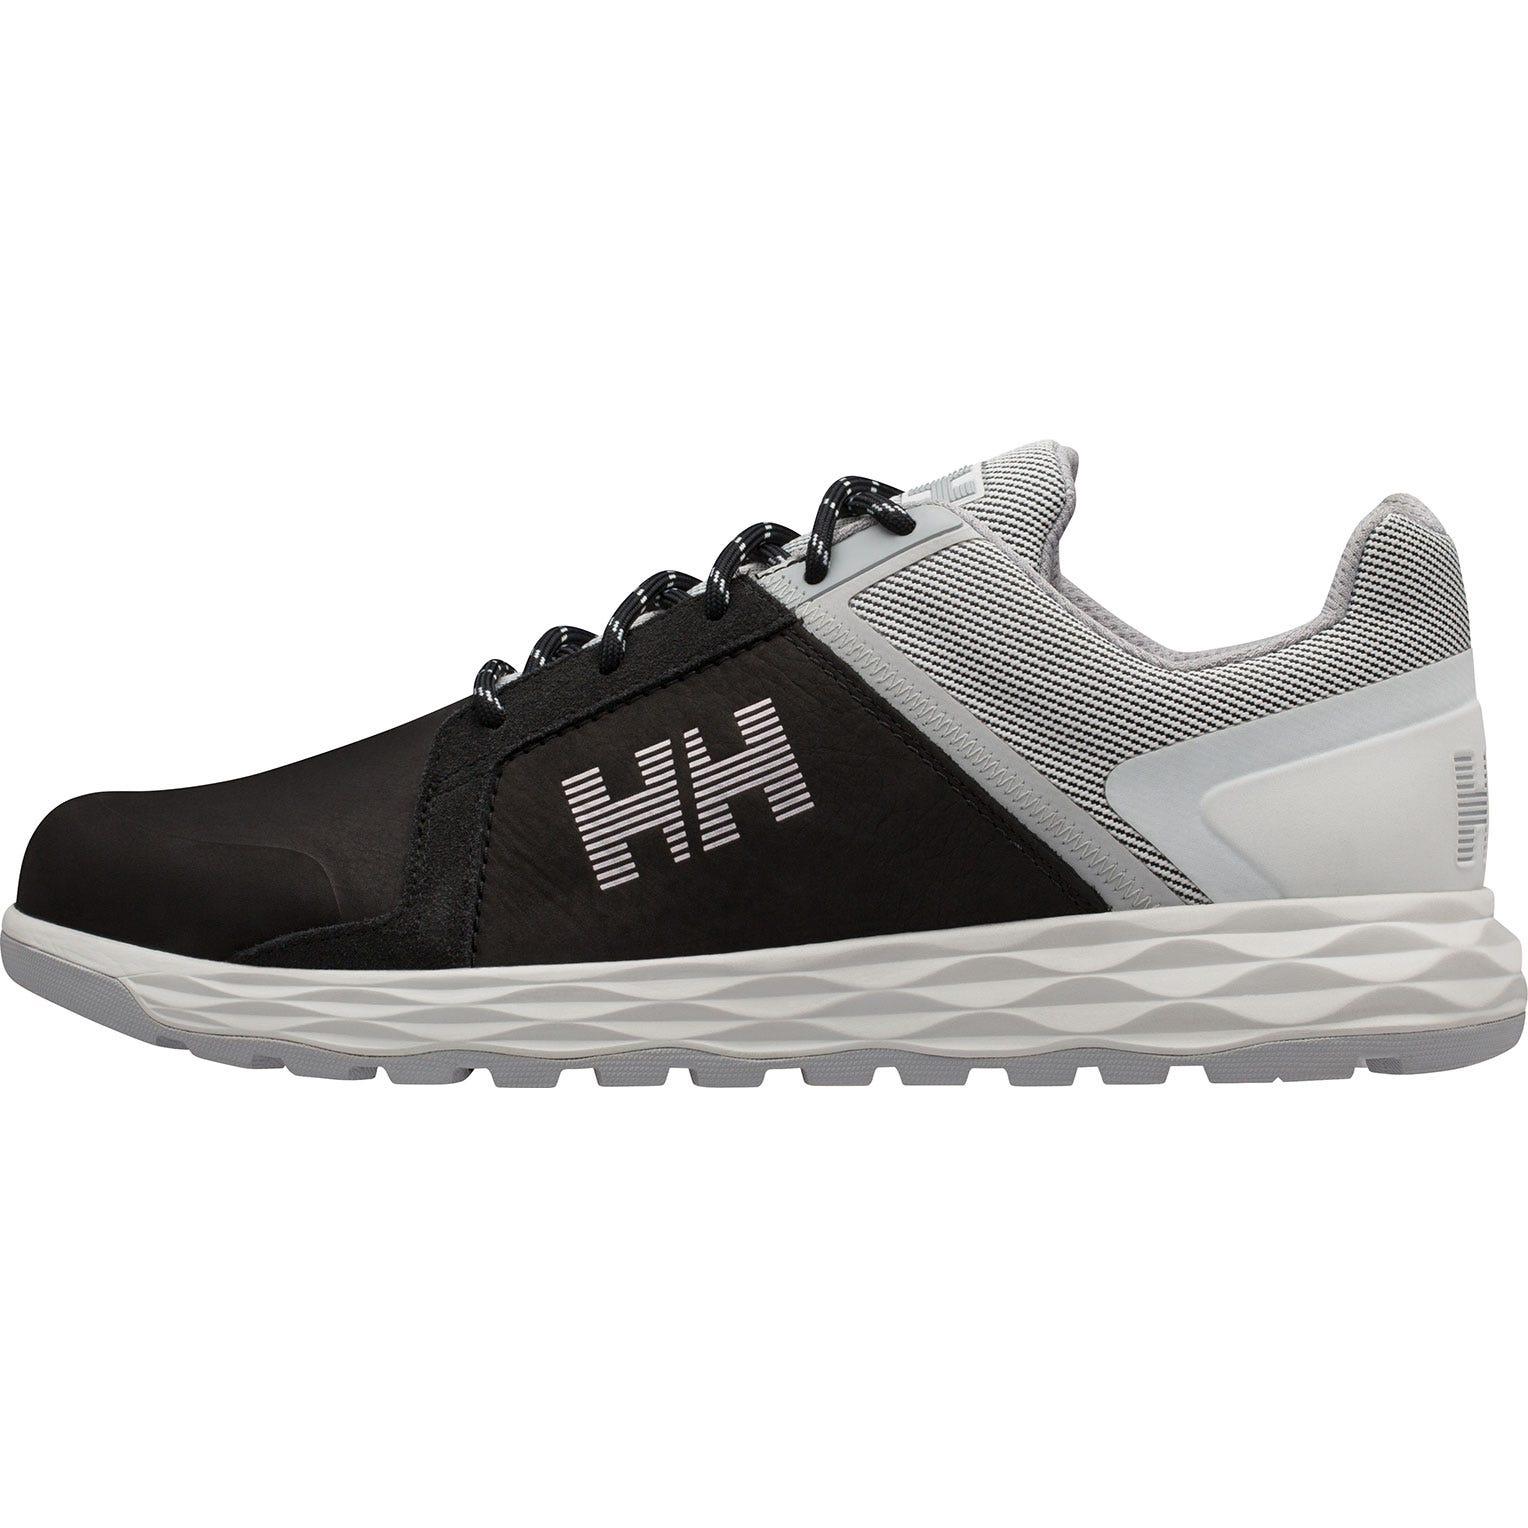 Helly Hansen Gambier Lc Mens Casual Shoe Black 43/9.5